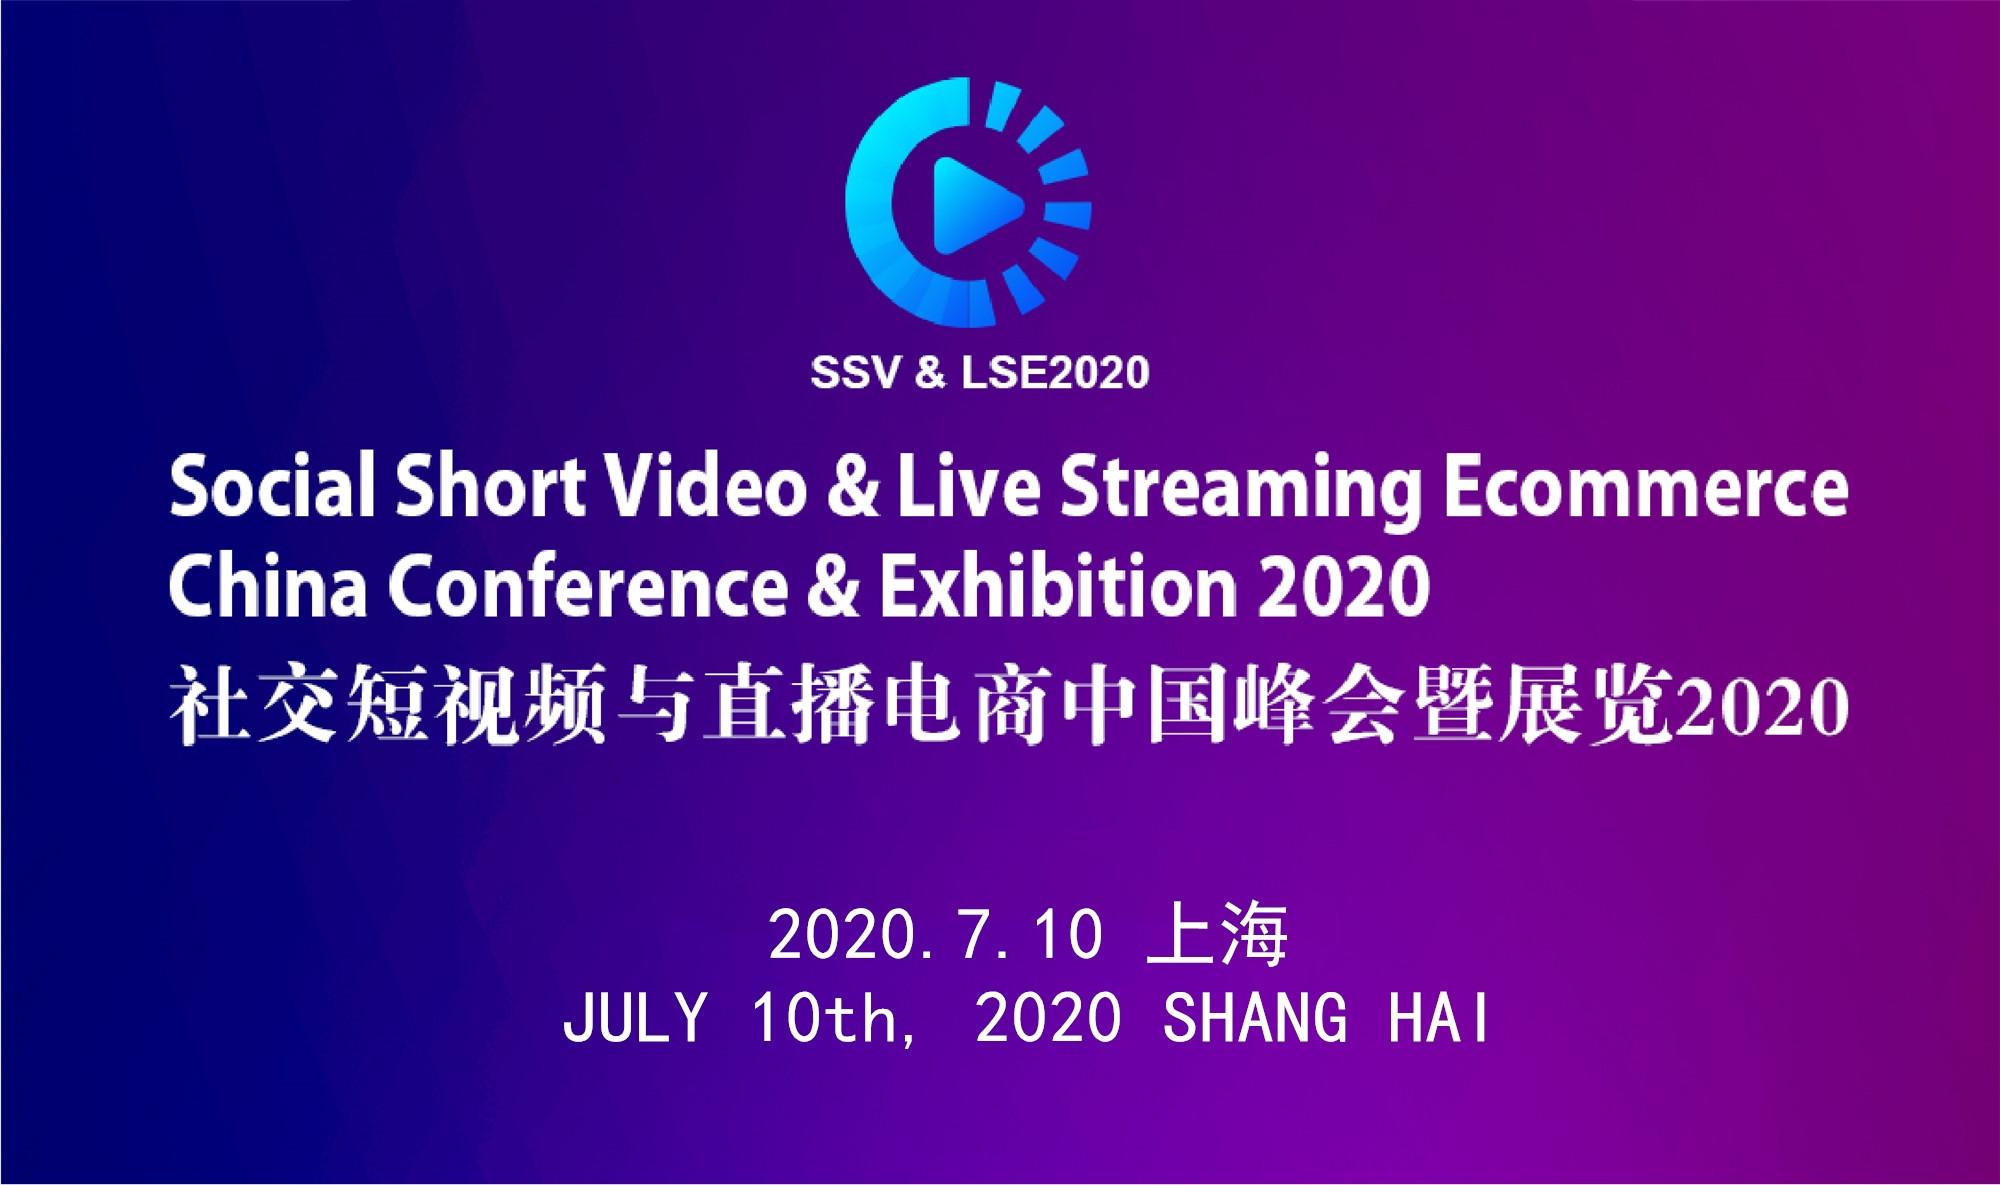 社交短视频与直播电商中国峰会2020(上海)